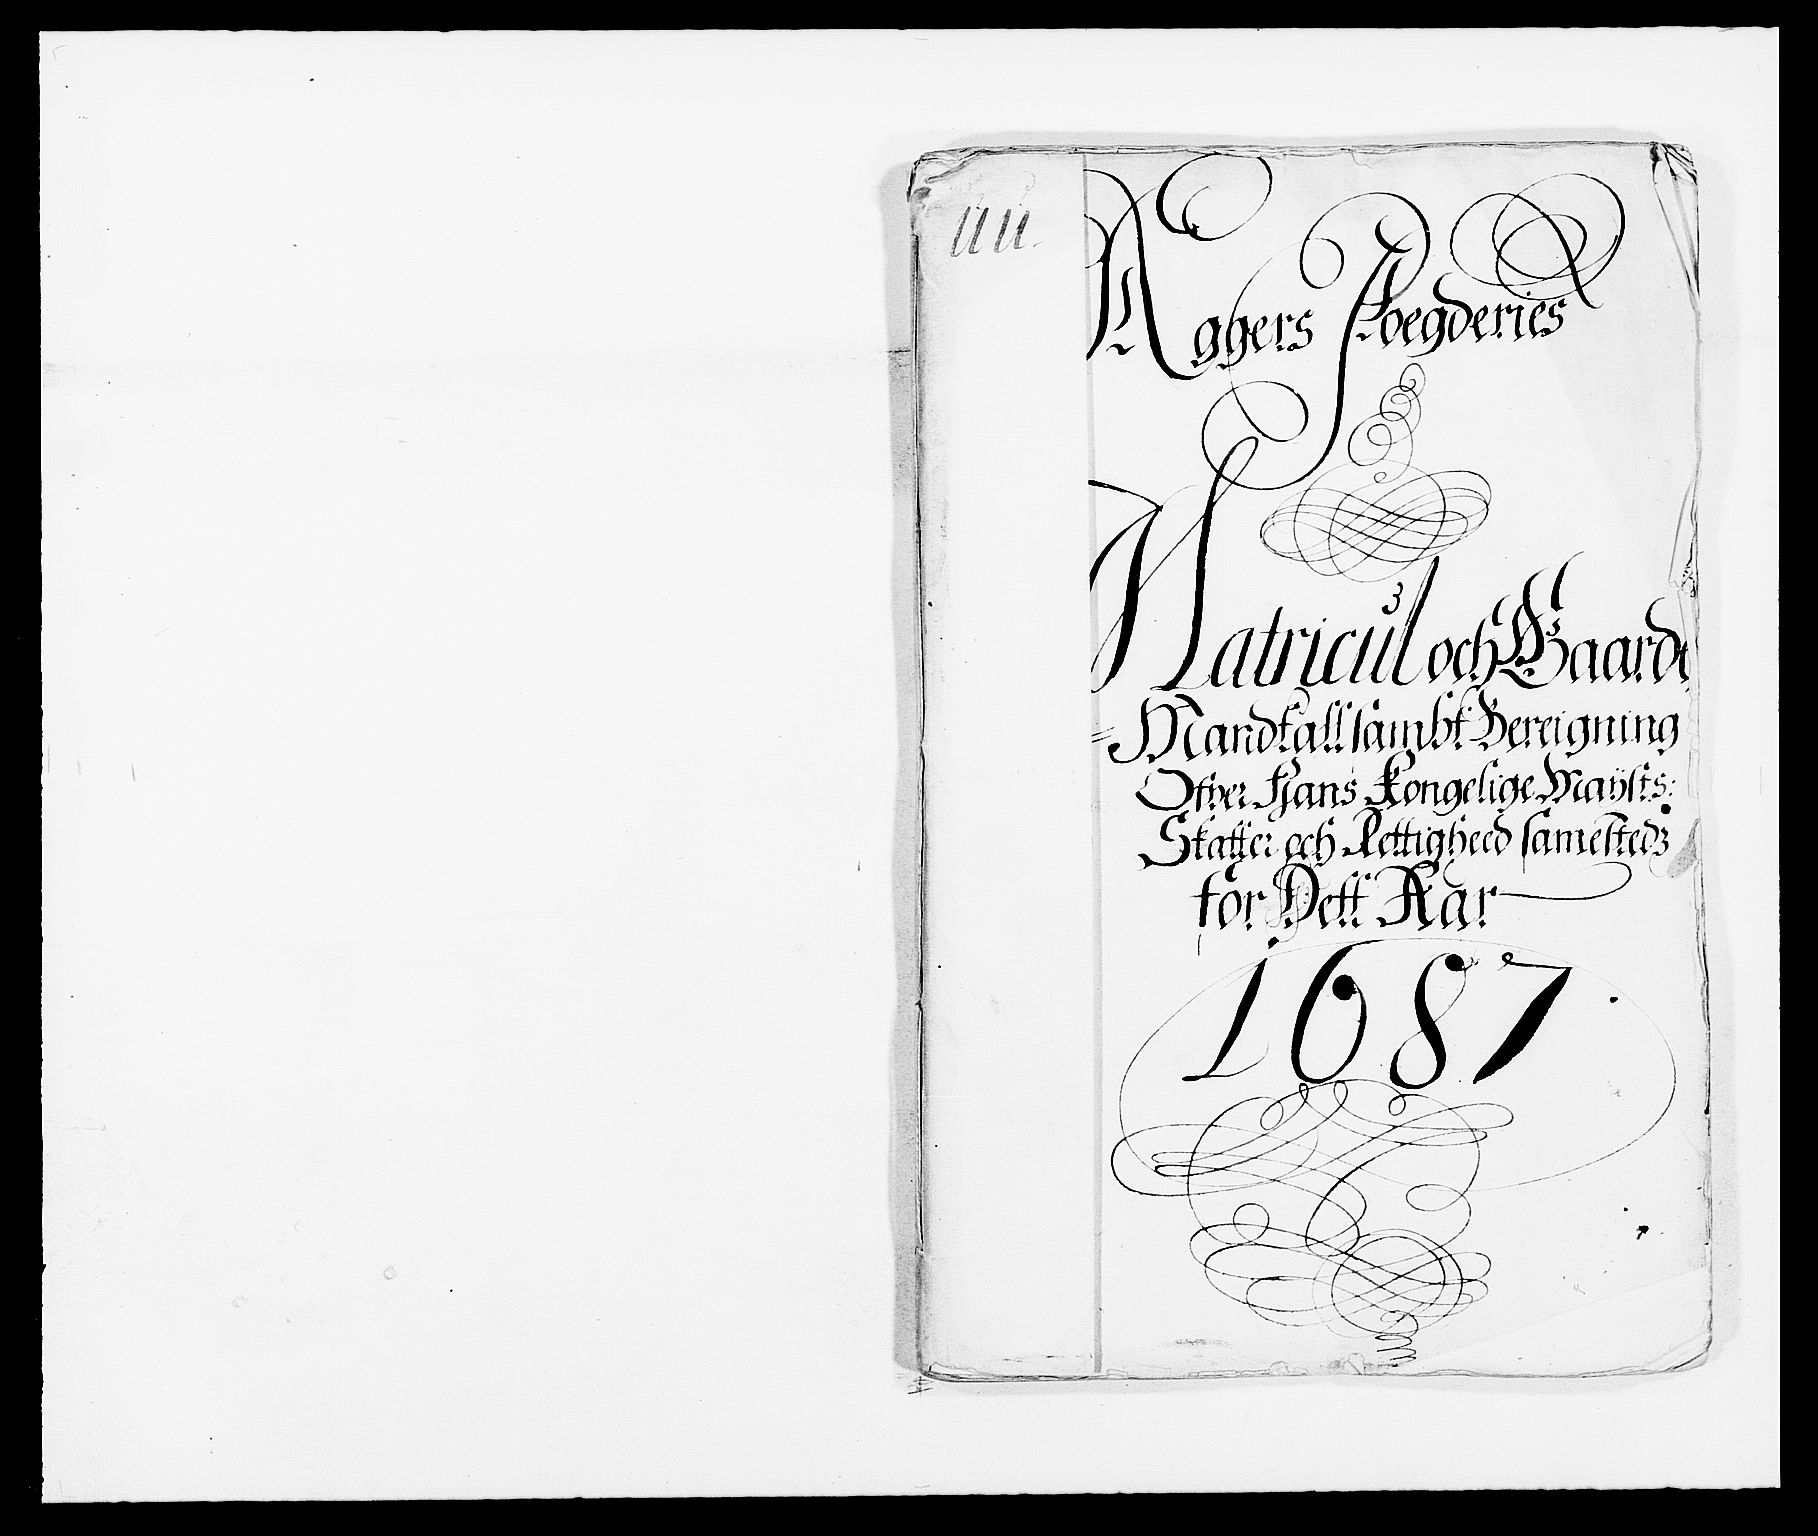 RA, Rentekammeret inntil 1814, Reviderte regnskaper, Fogderegnskap, R08/L0422: Fogderegnskap Aker, 1684-1686, s. 160